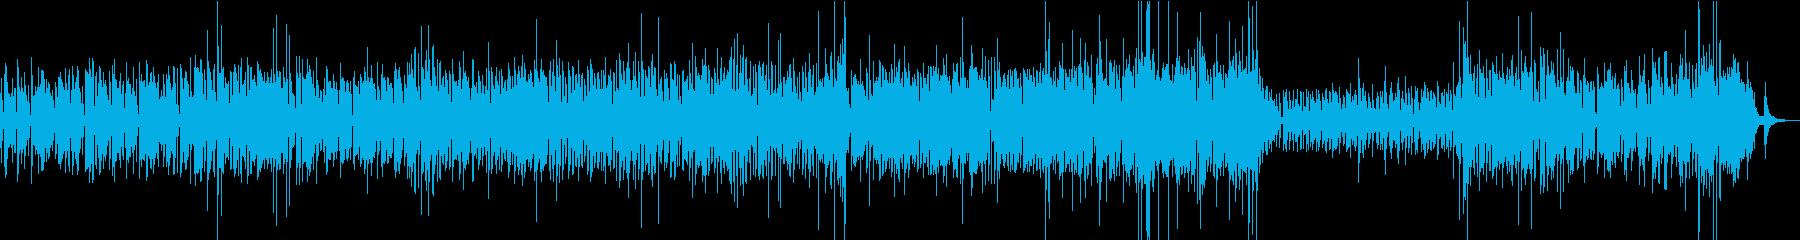 4ビートJazzのインスト曲。ライブ風。の再生済みの波形